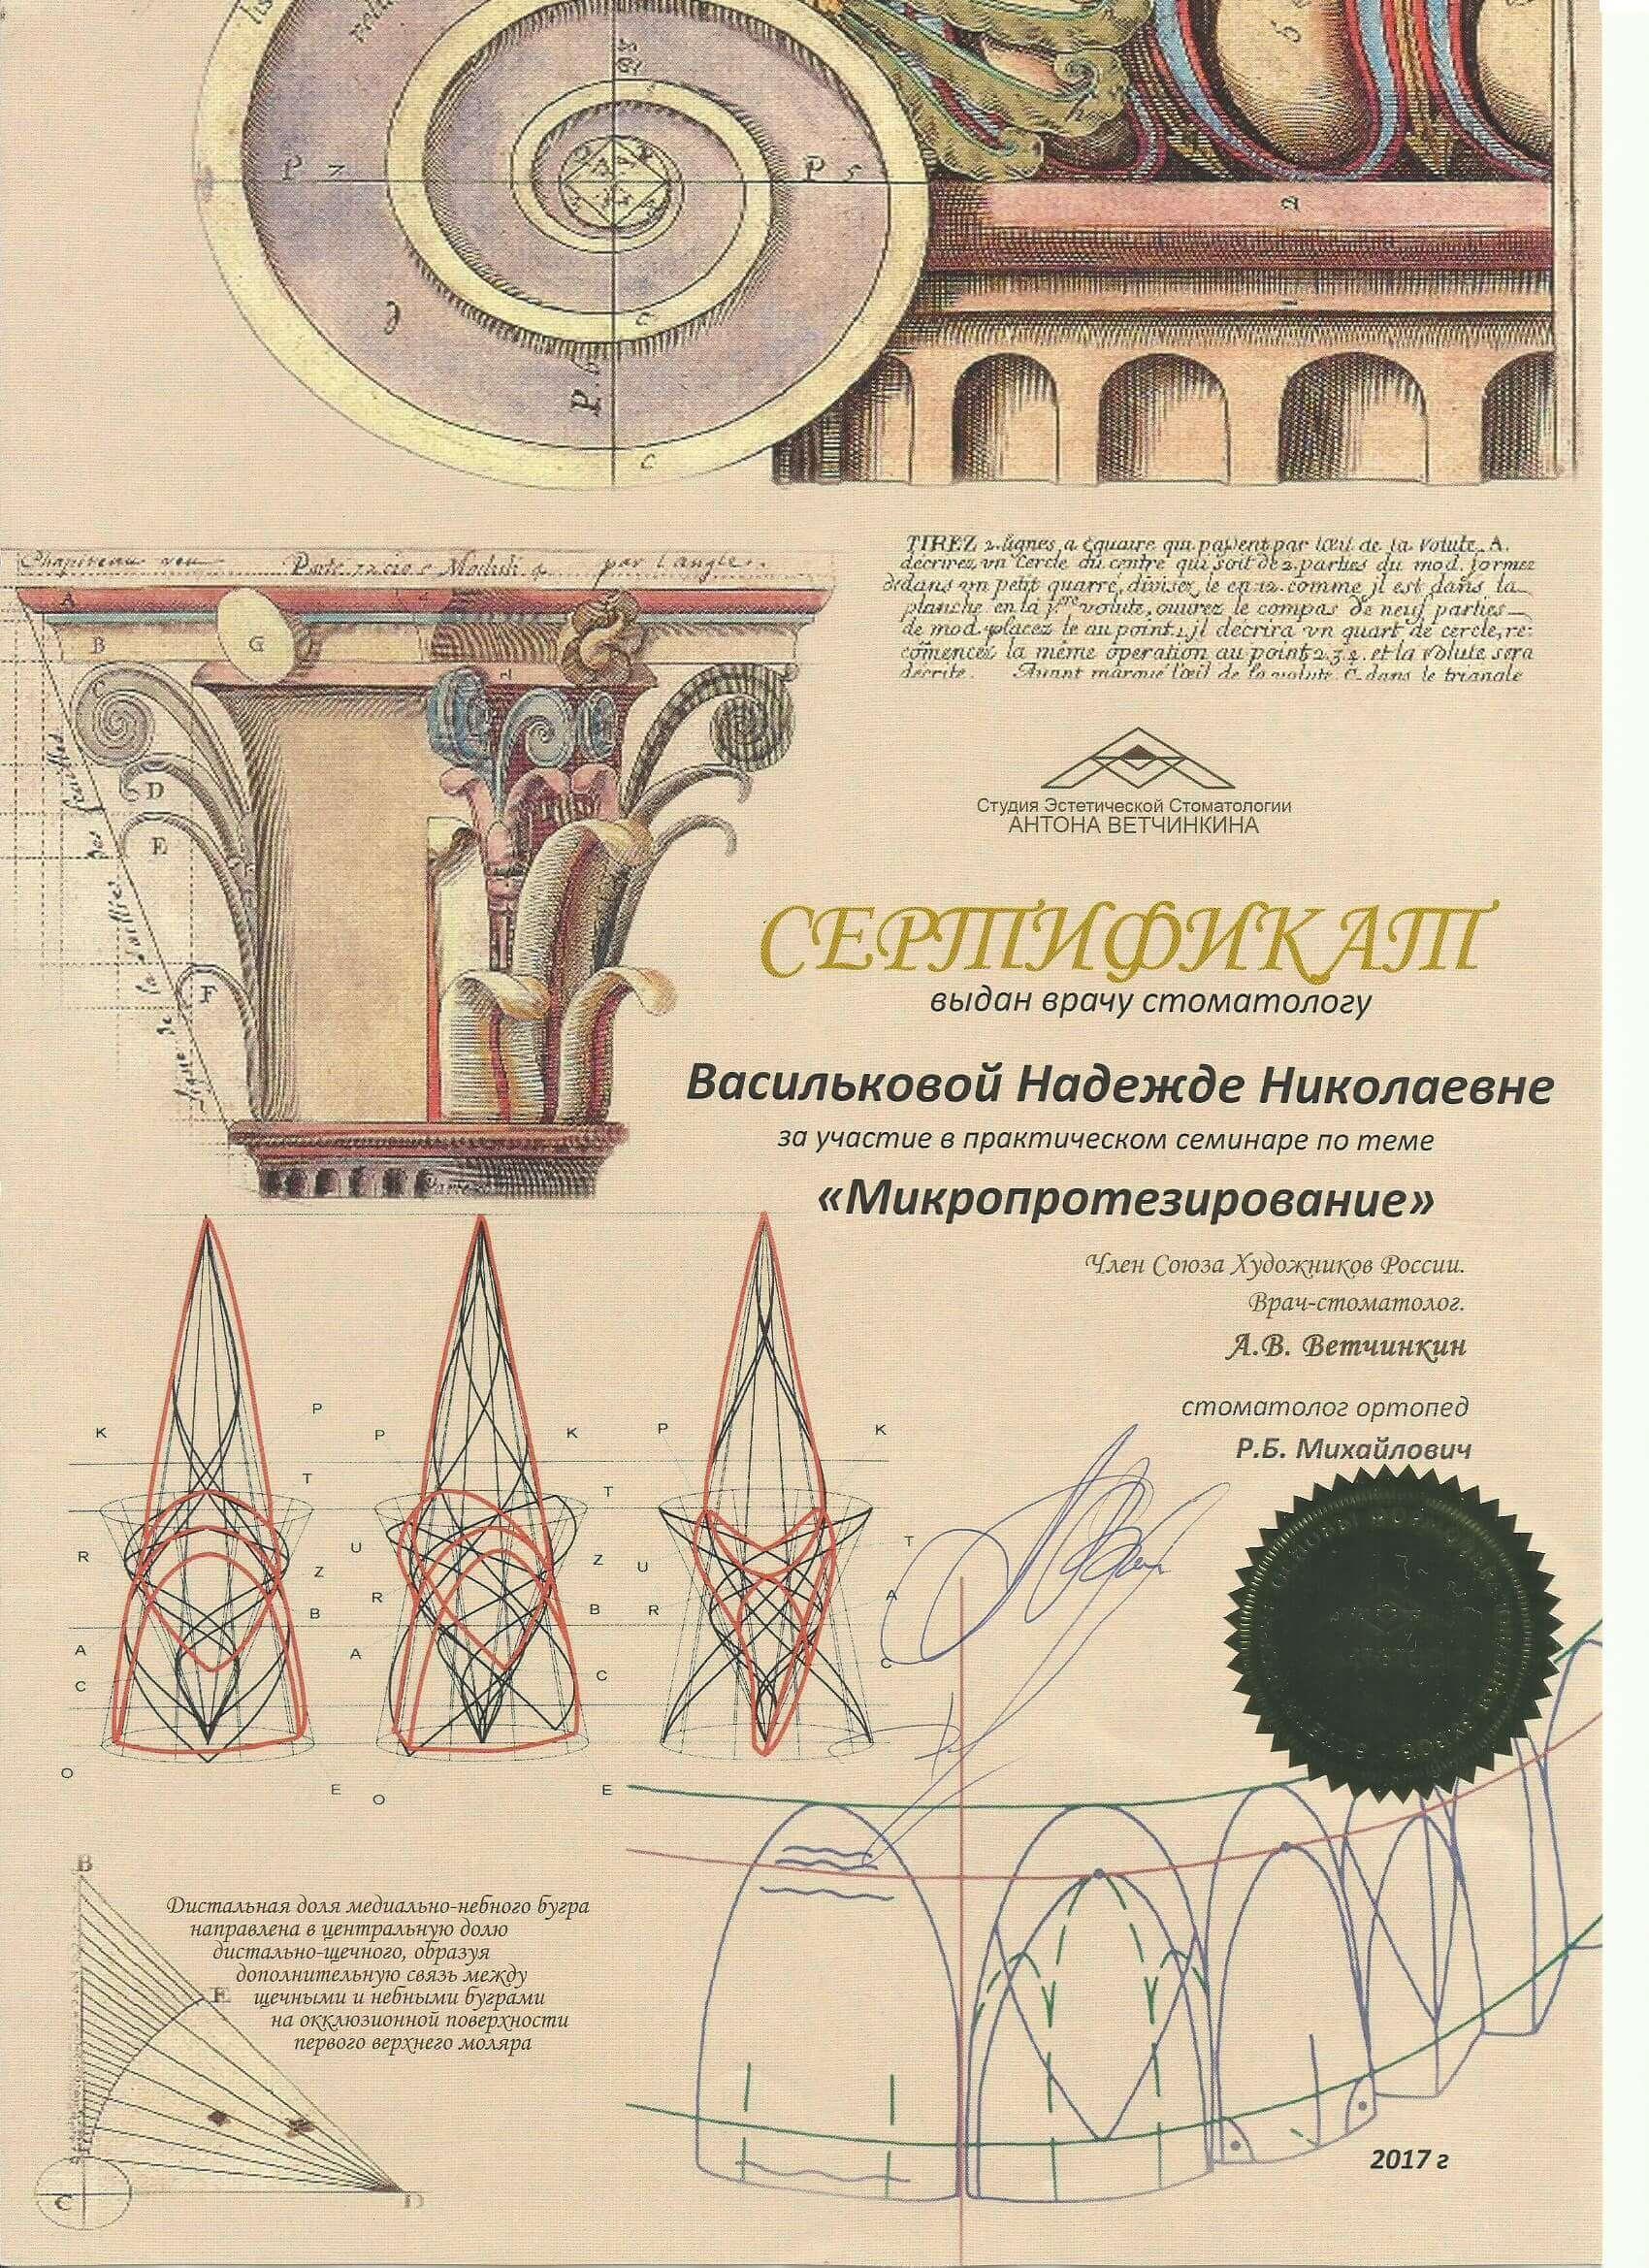 Сертификат 2017 Ветчинкин Микропротезирование